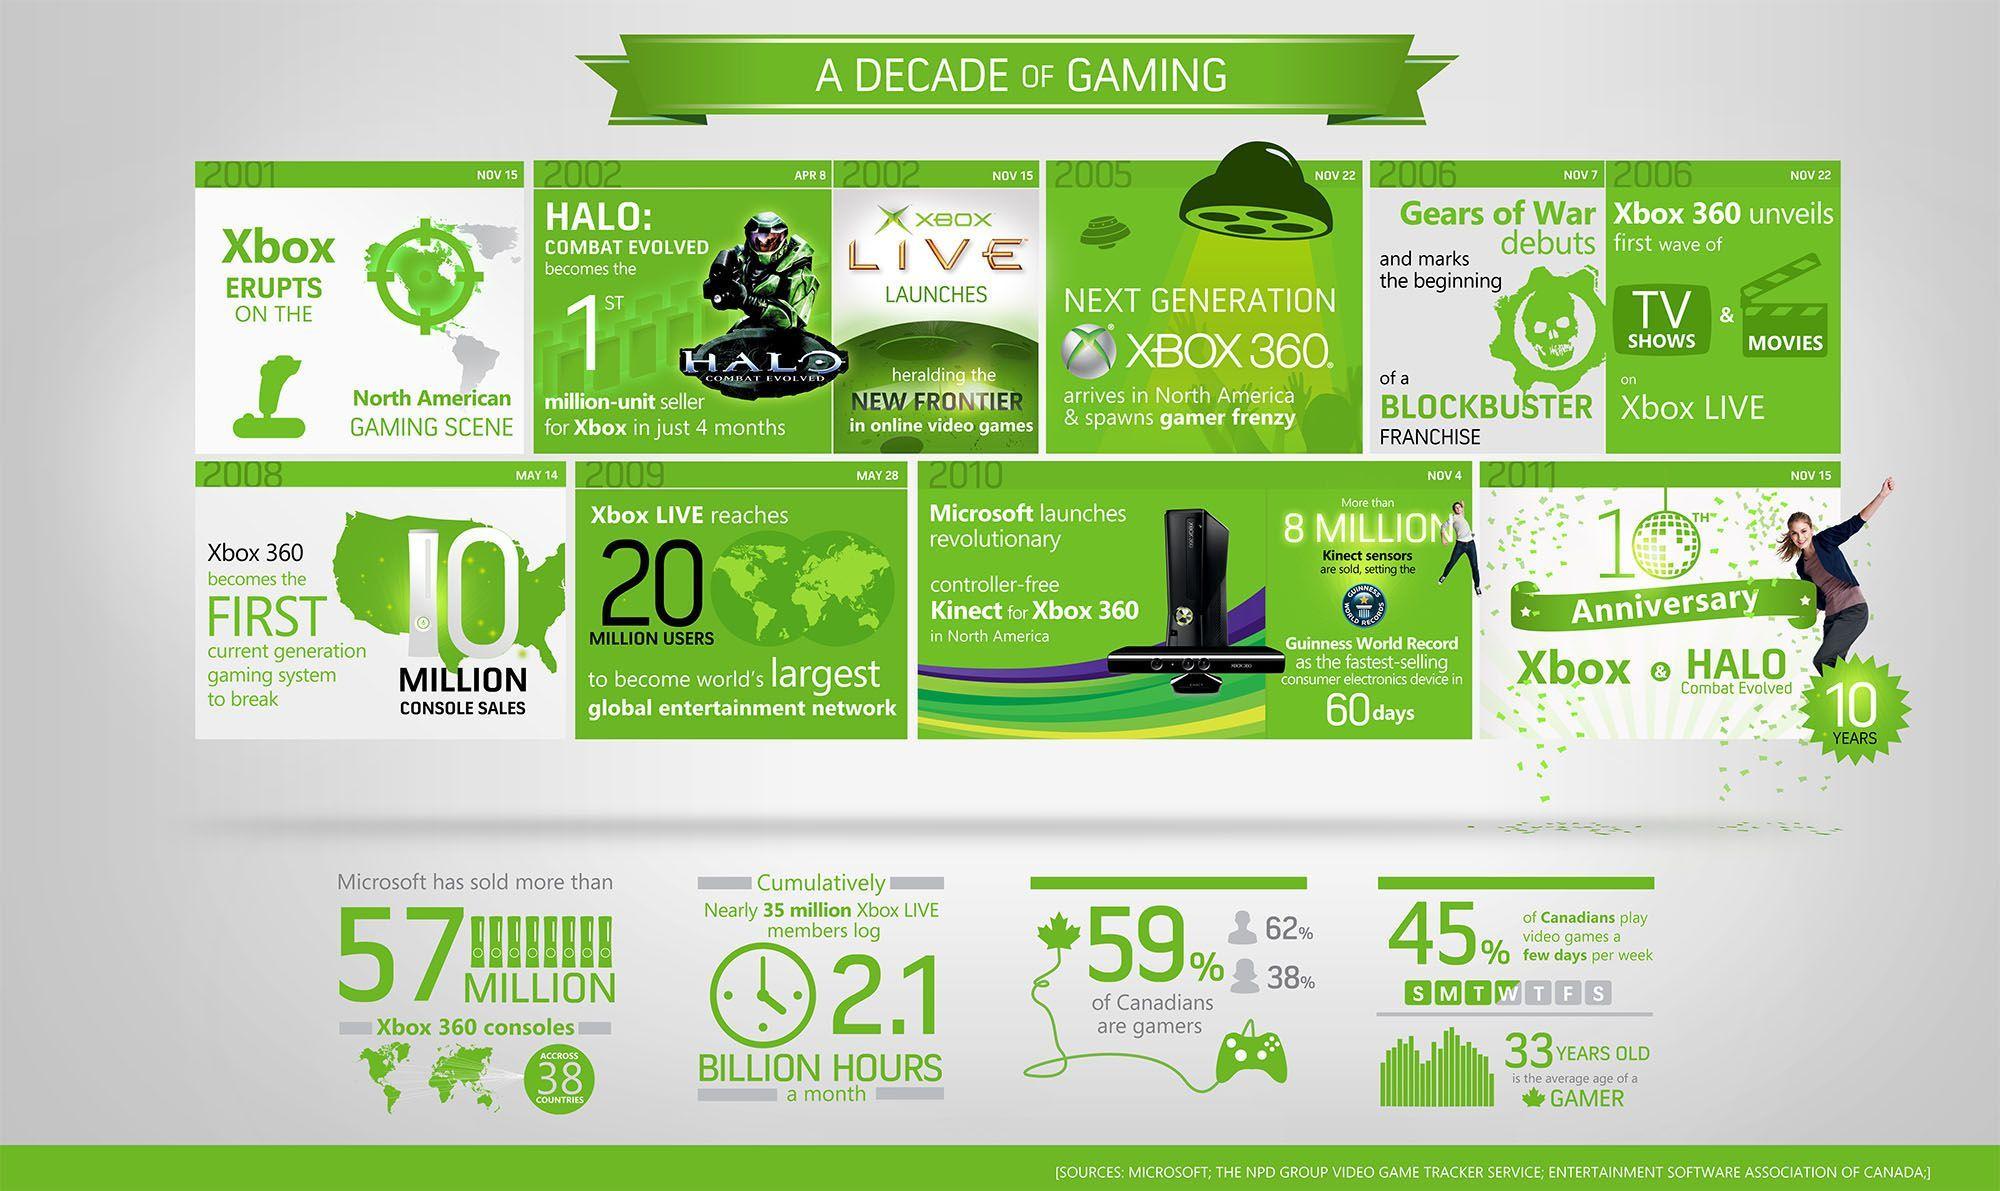 Feliz Cumpleanos Numero 10 Xbox